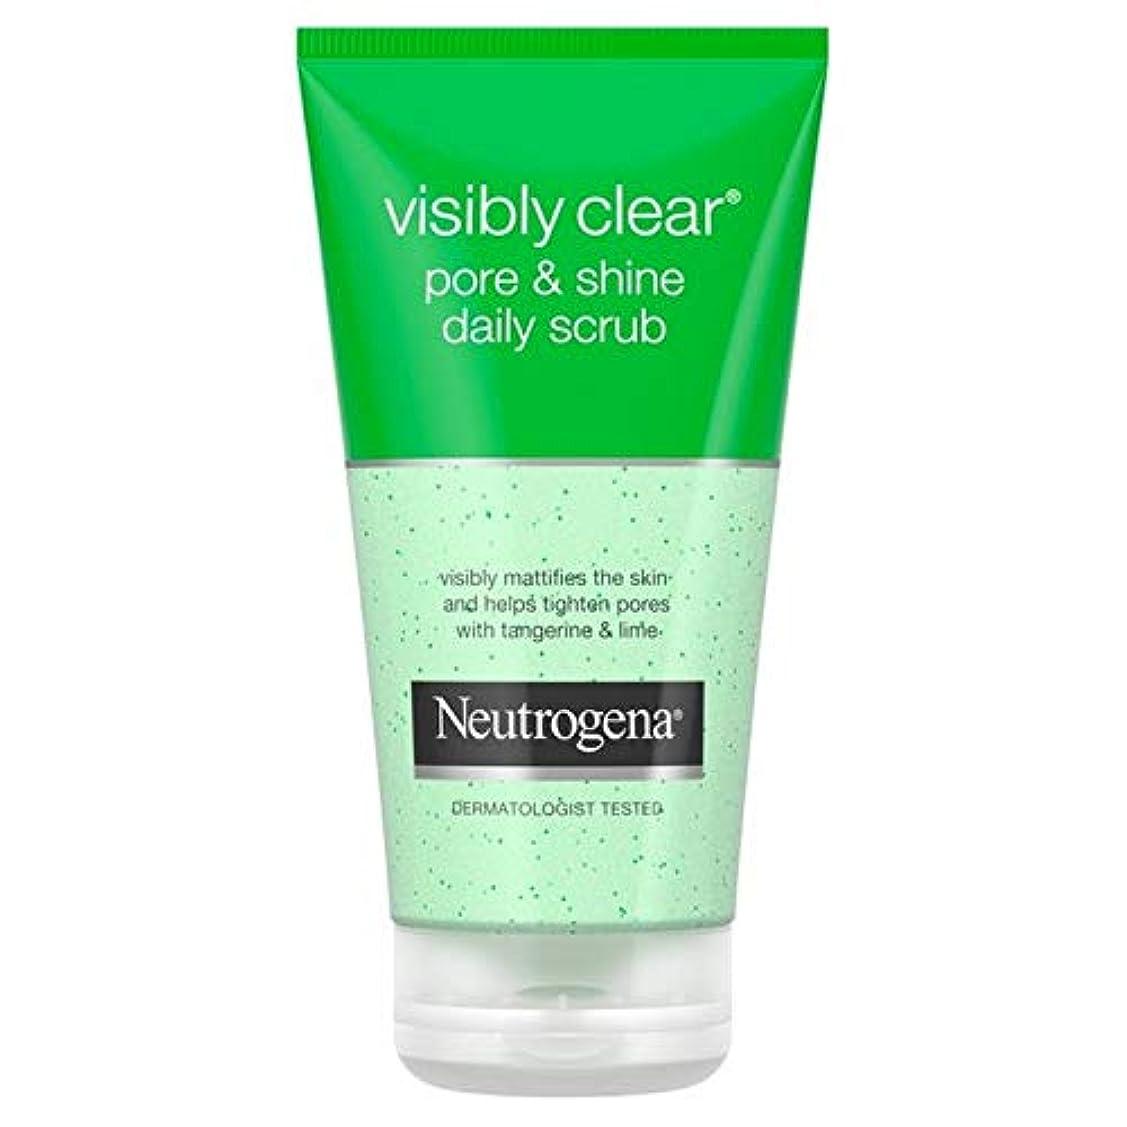 そっと程度エキスパート[Neutrogena ] ニュートロジーナ目に見えて明らか輝き&ポアスクラブ150ミリリットル - Neutrogena Visibly Clear Shine & Pore Scrub 150ml [並行輸入品]